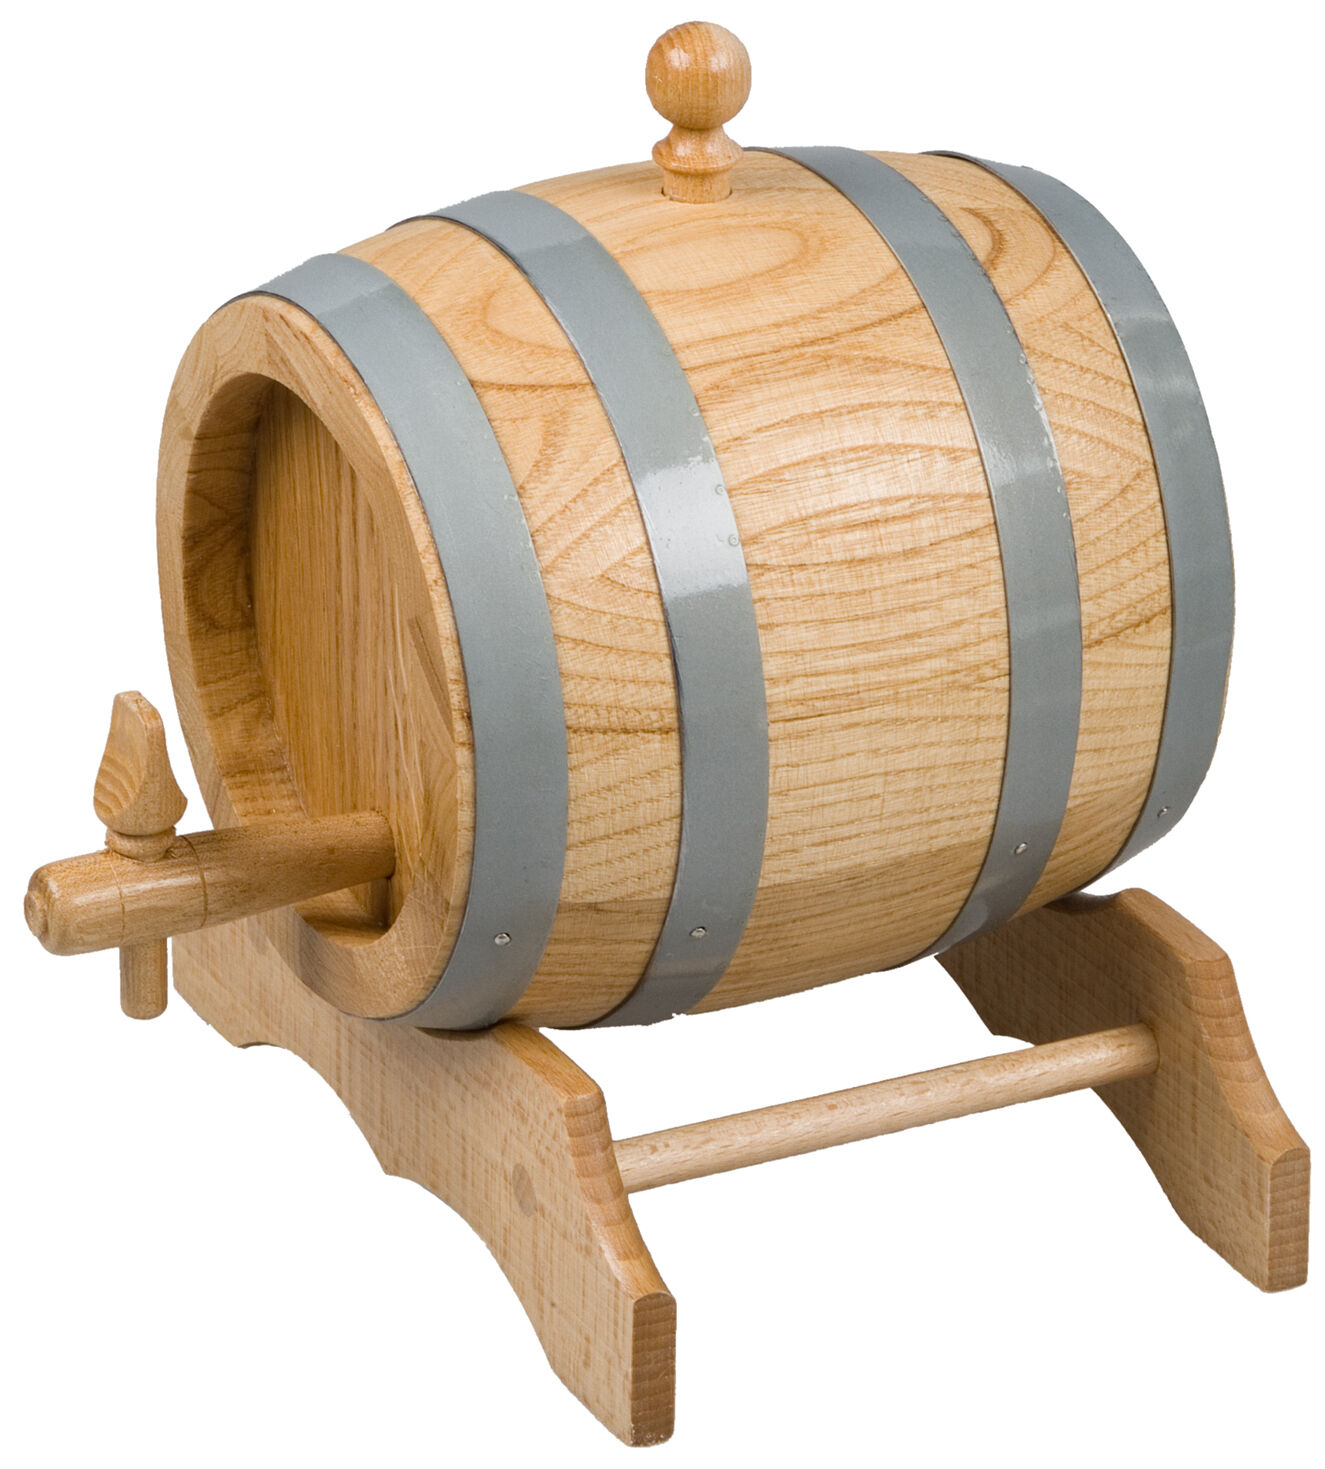 Eichenfass Weinfass Holzfass Fass Faß Eichenfaß Whiskyfass  3 Liter